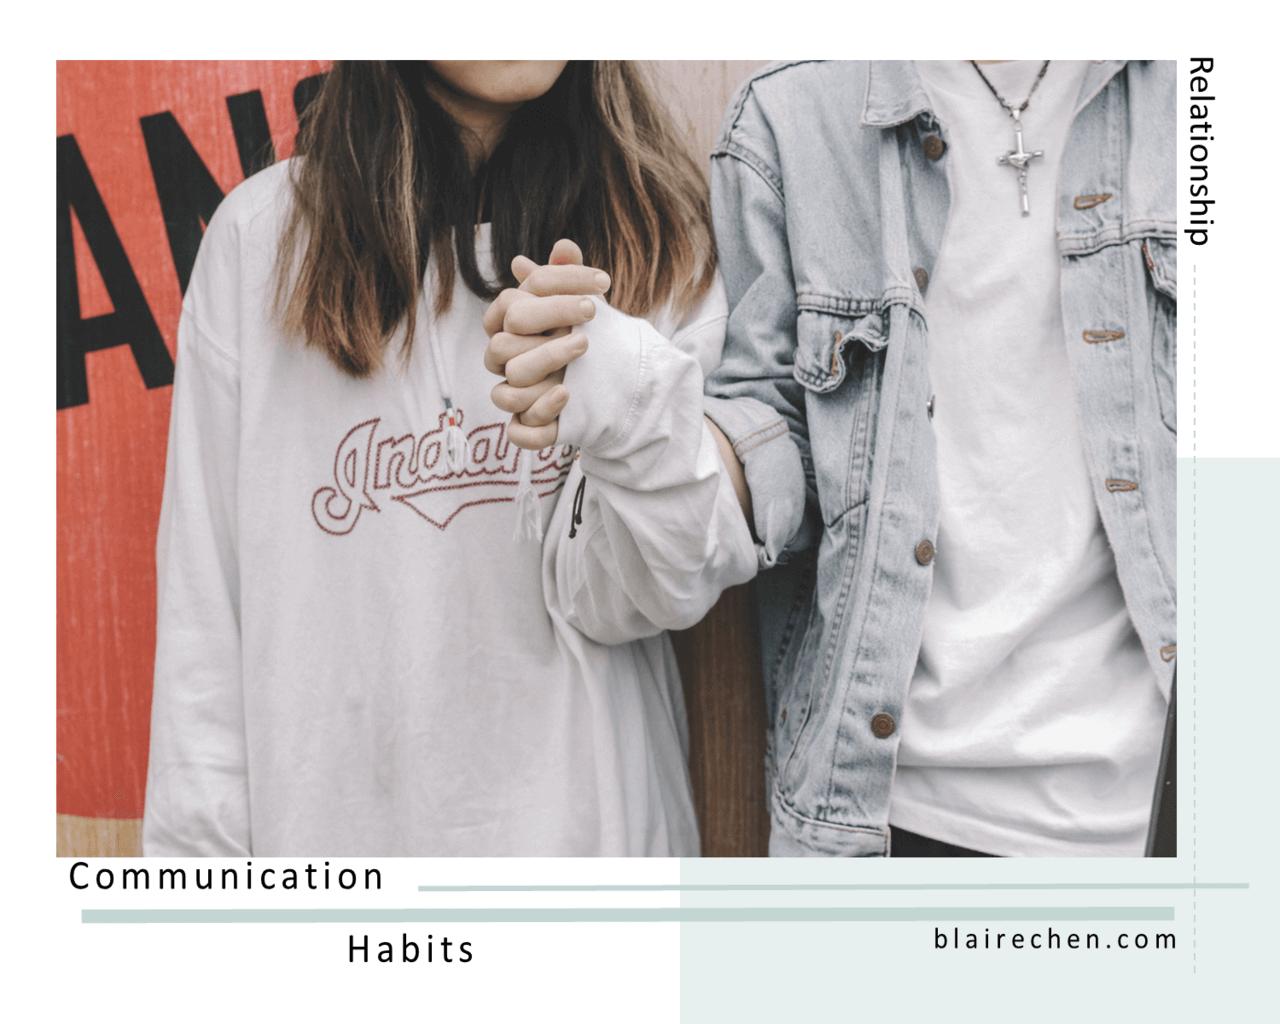 該怎麼跟另一半溝通呢?保持 4 個情侶間的對話小習慣、讓你們感情不降溫!